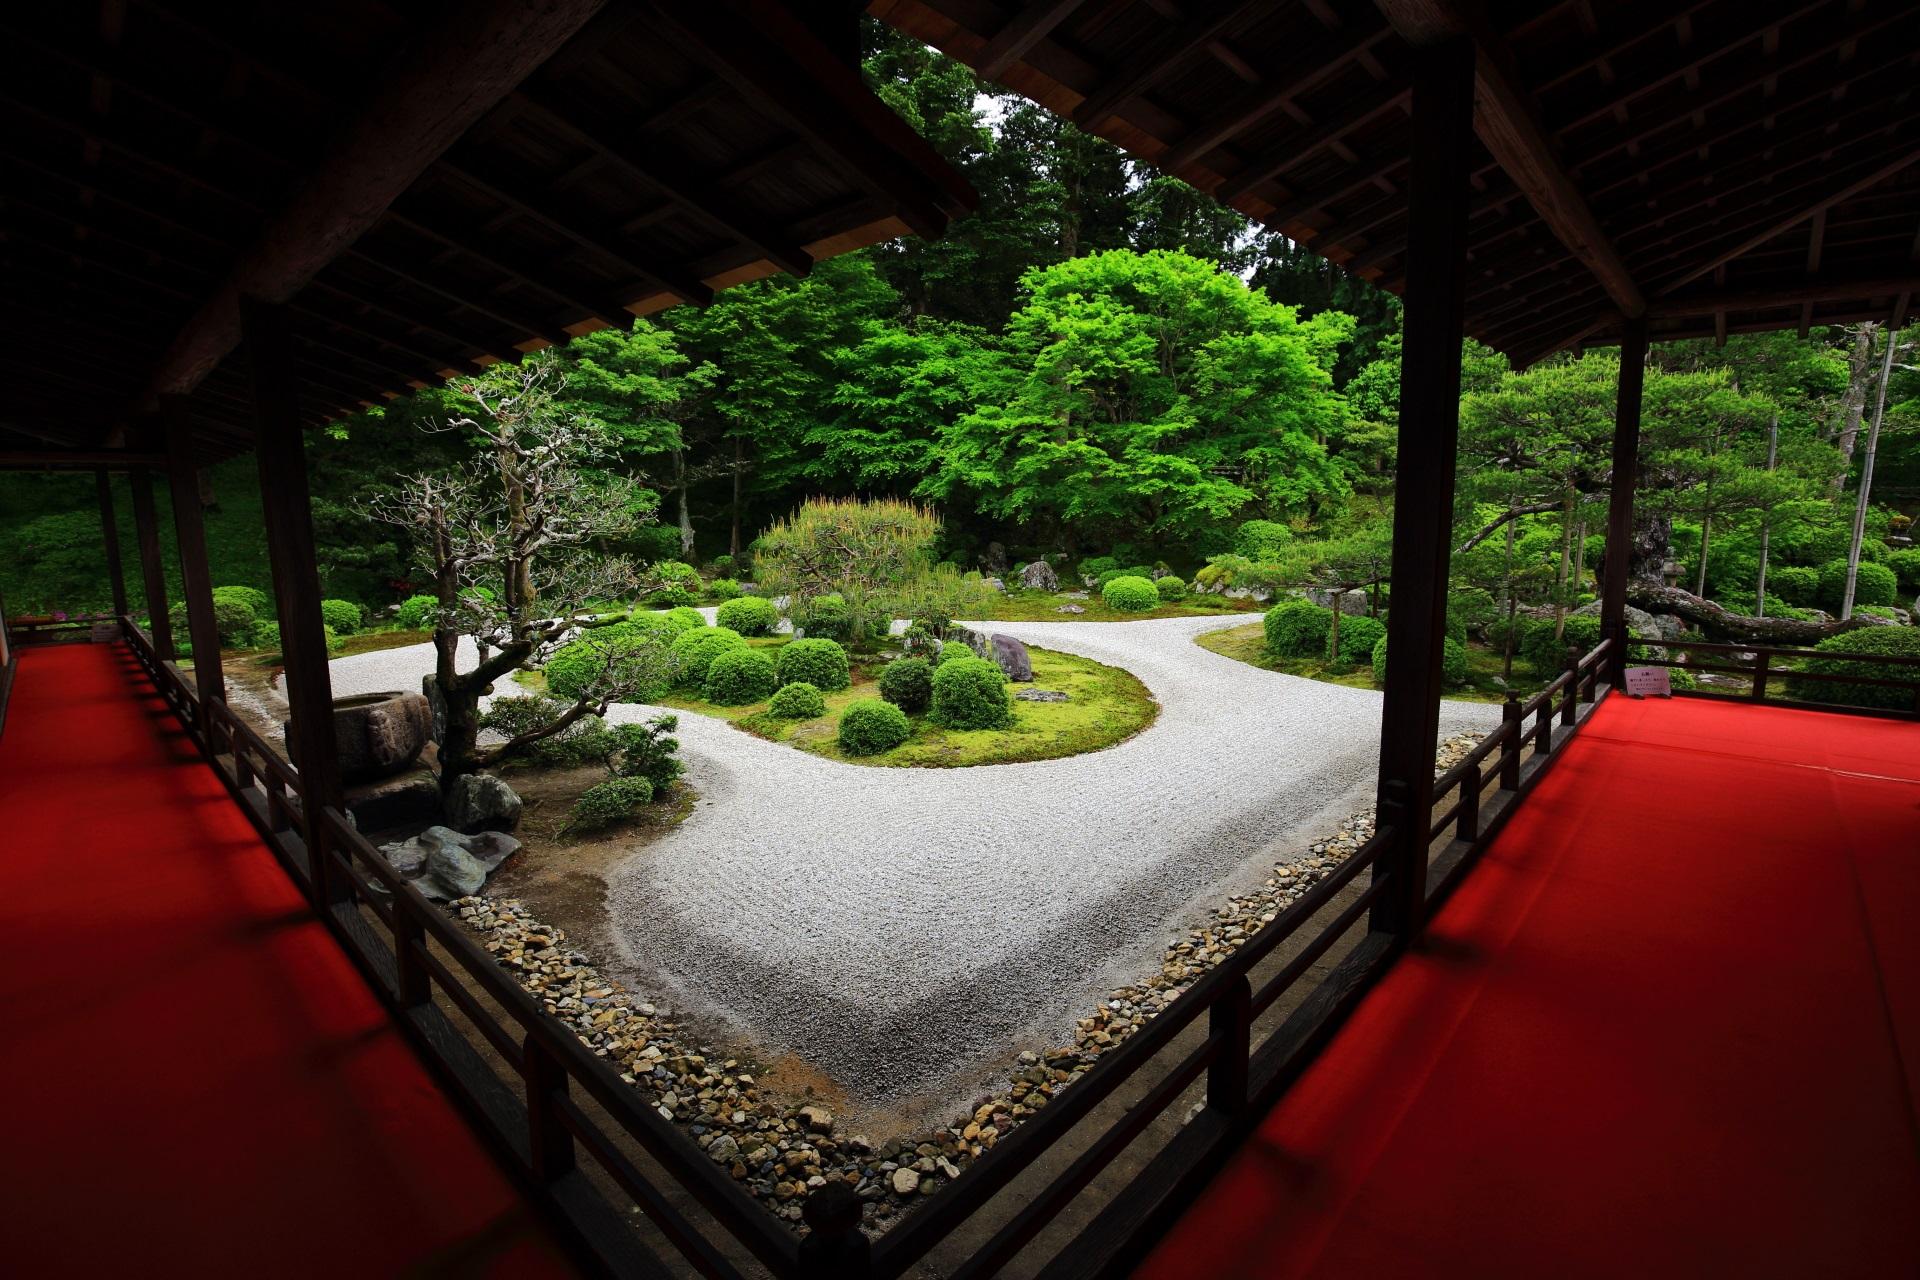 綺麗な赤い絨毯と庭園の彩りとのコントラスト